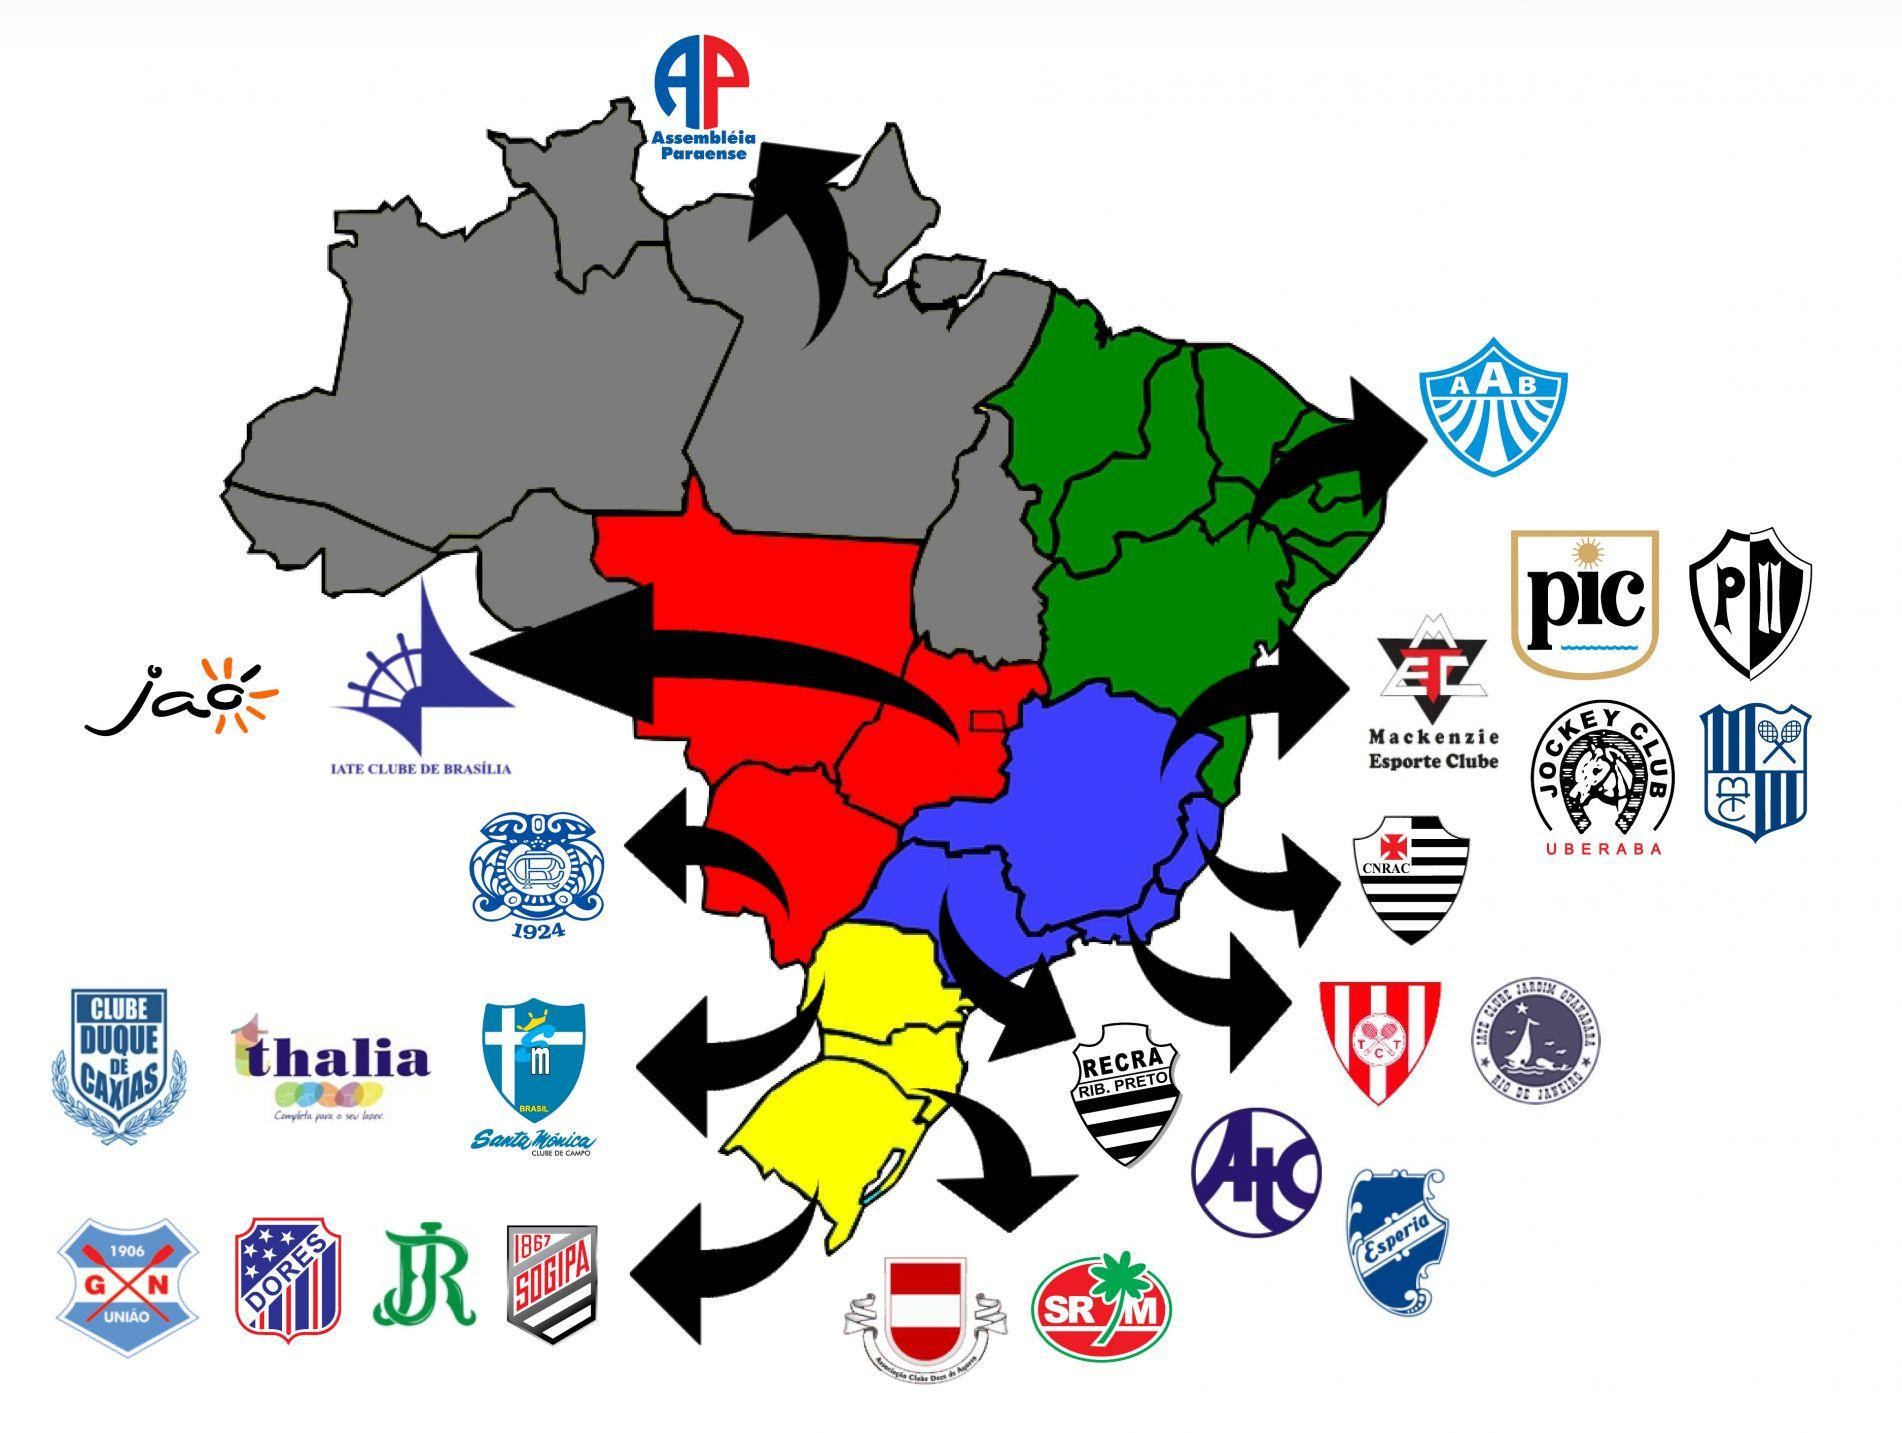 os 25 Clubes de todo o país que fazem parte do convênio da Fenaclubes (Federação Nacional dos Clubes).